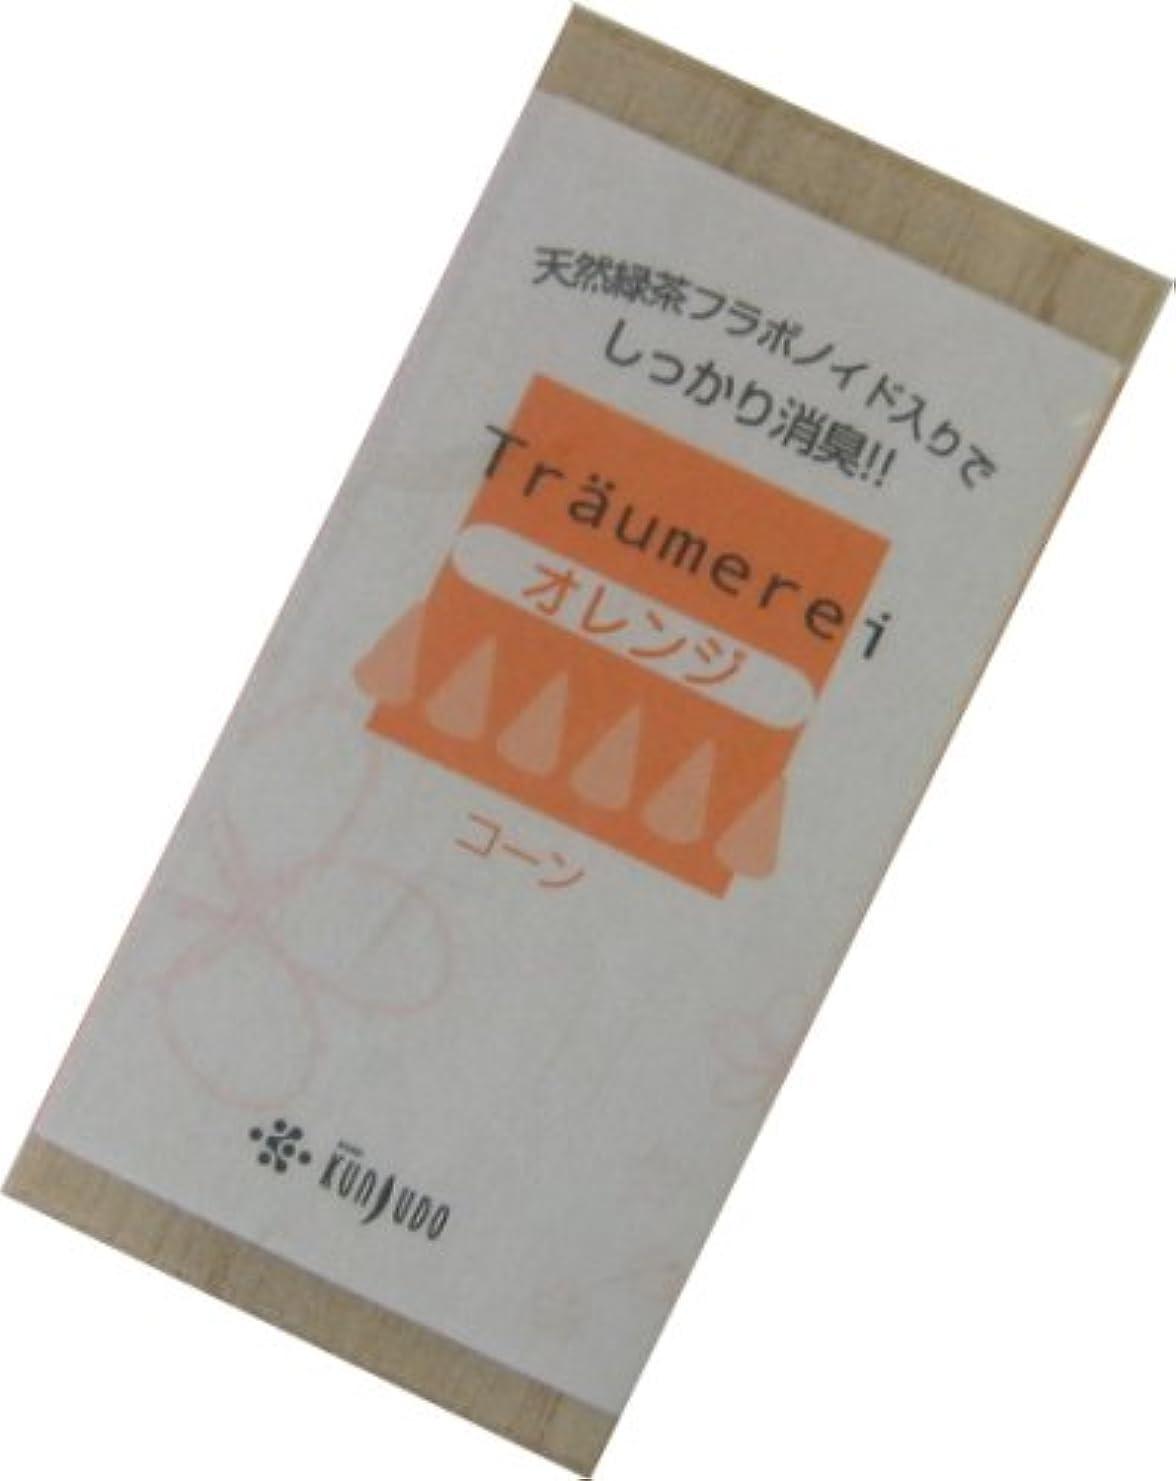 取り戻す測る散らすトロイメライ 桐箱 コーン オレンジ